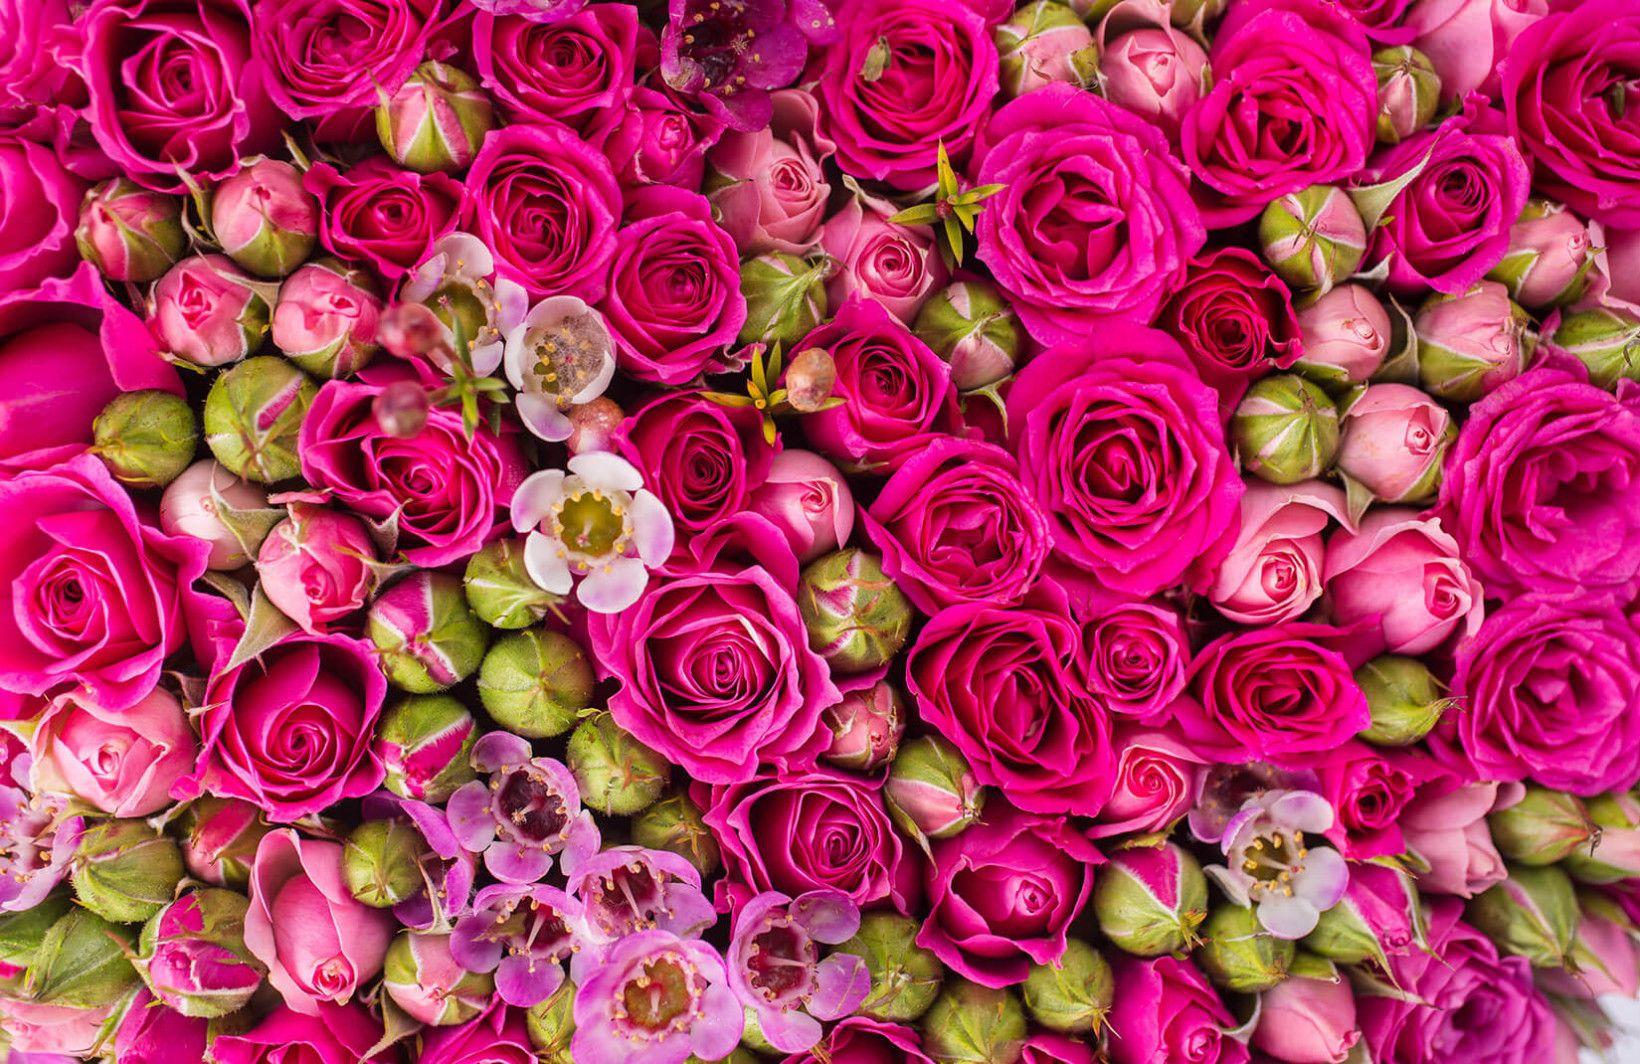 Packed Roses Wallpaper Mural Flower meanings, Flower